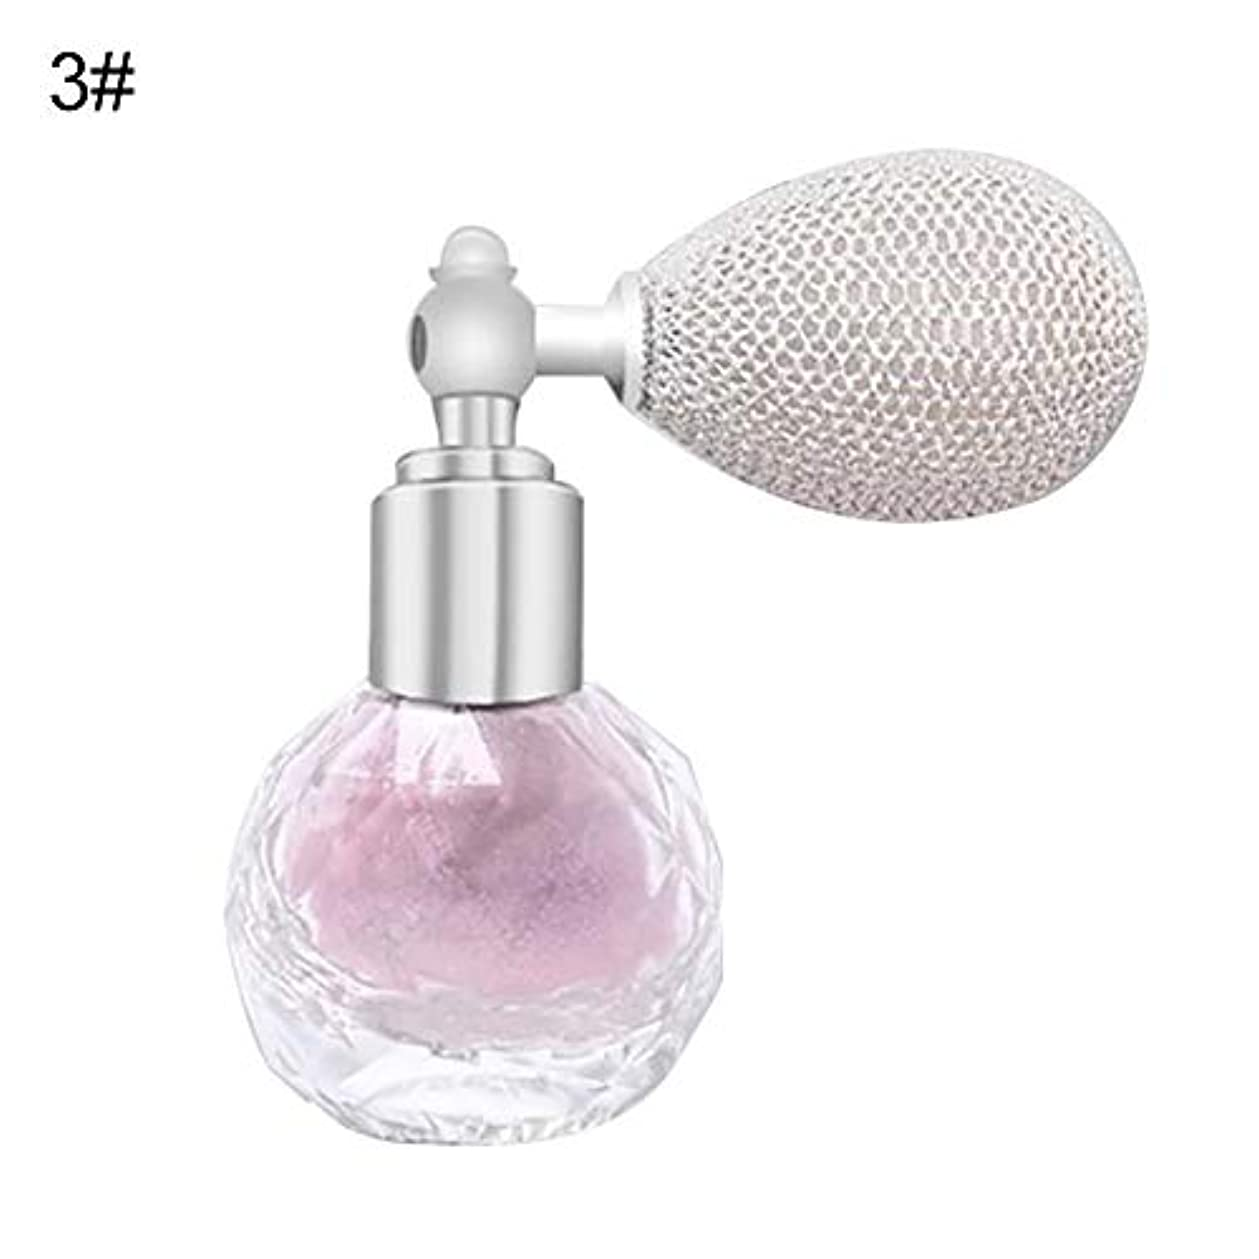 知覚できるバンガロー汚染FANA女性エアバッグスプレーフレグランスグリッターハイライトパウダー美容化粧品 - 3#